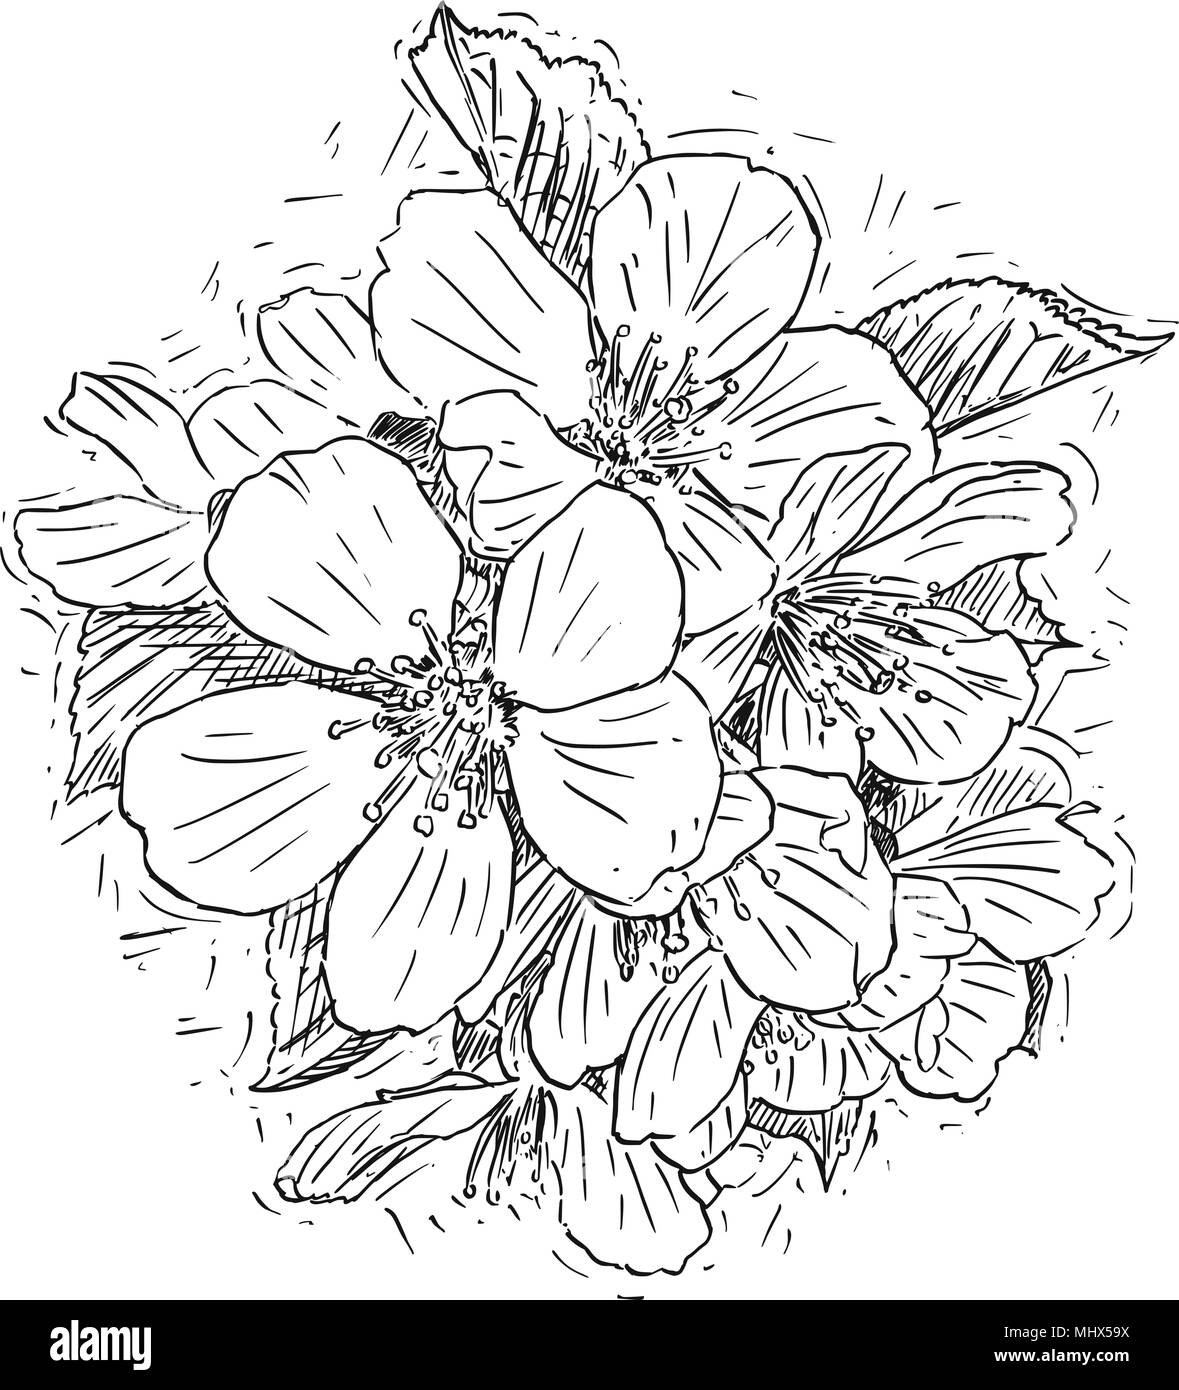 Ilustración Artística O Dibujo Vectorial Del Racimo De Flores De